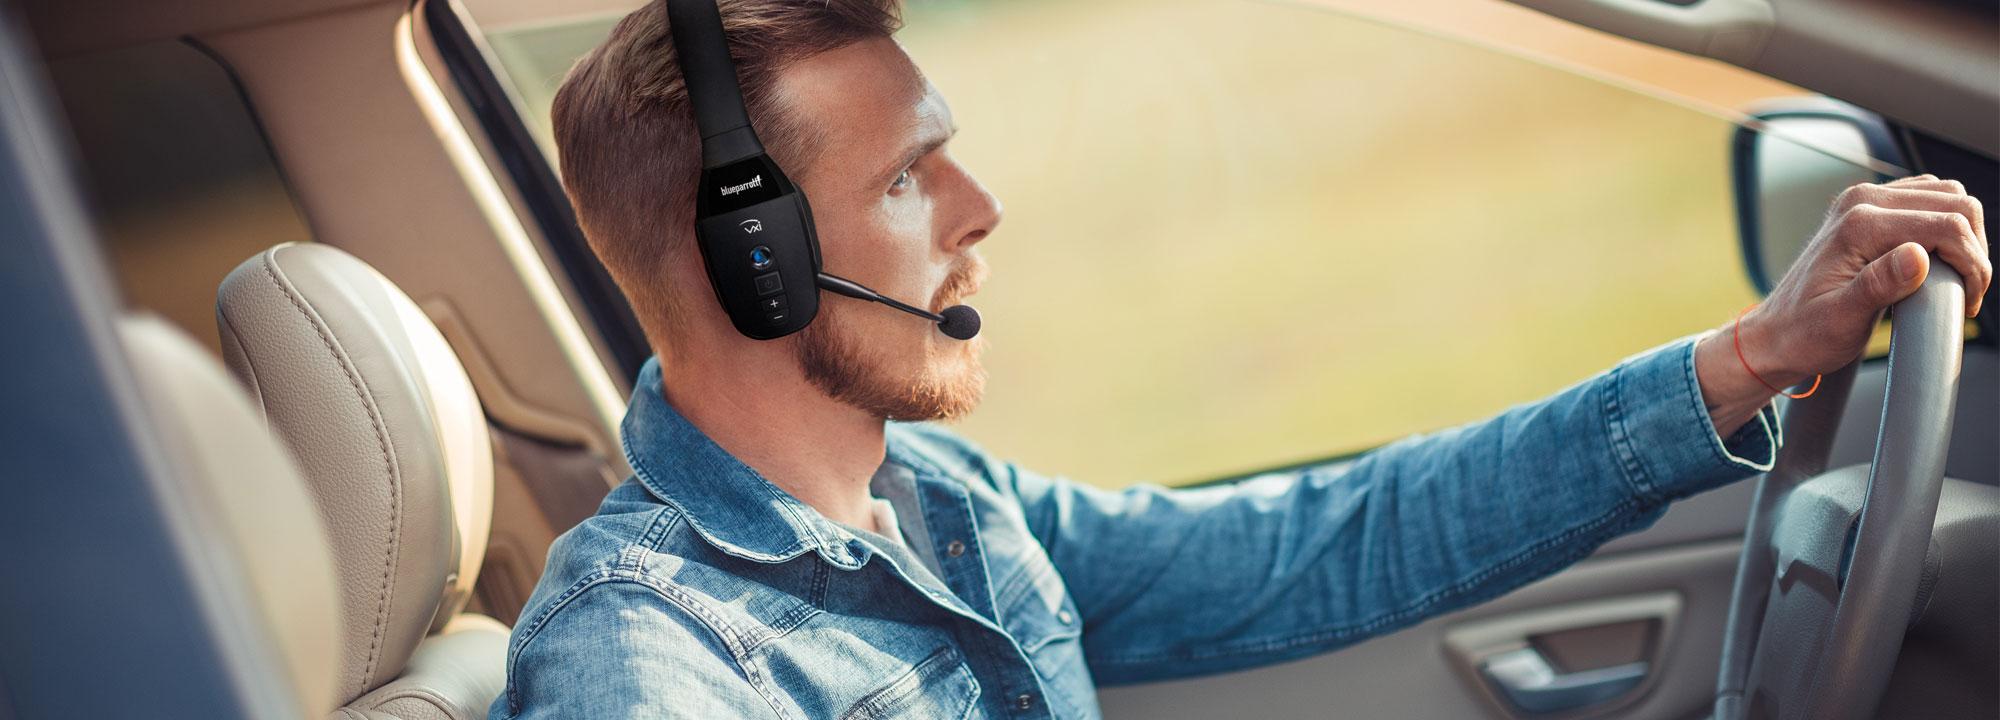 Bluetooth-Headsets für Business und Freizeit